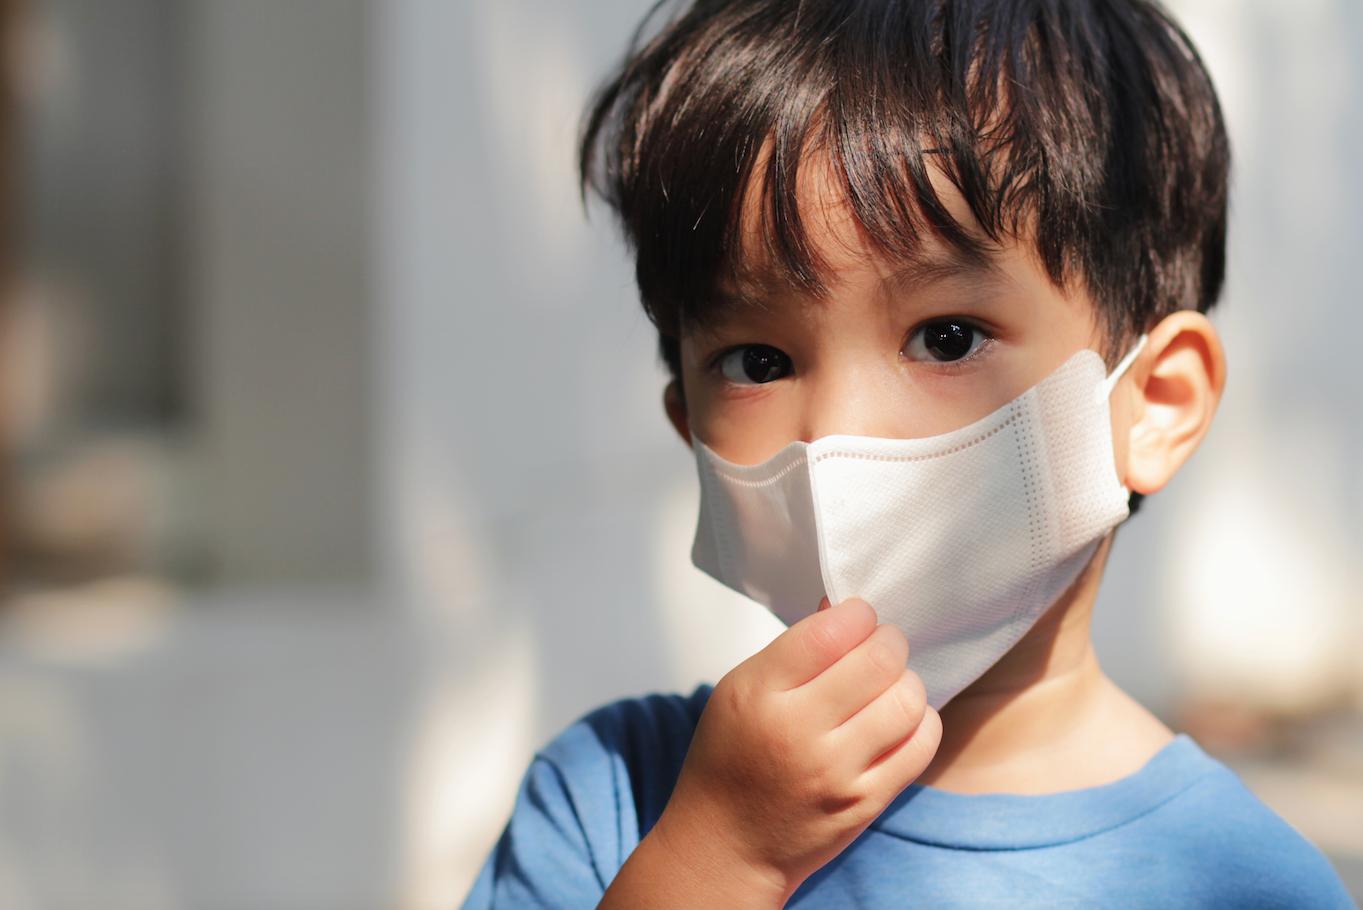 Alunna con problemi respiratori: il Consiglio di S...